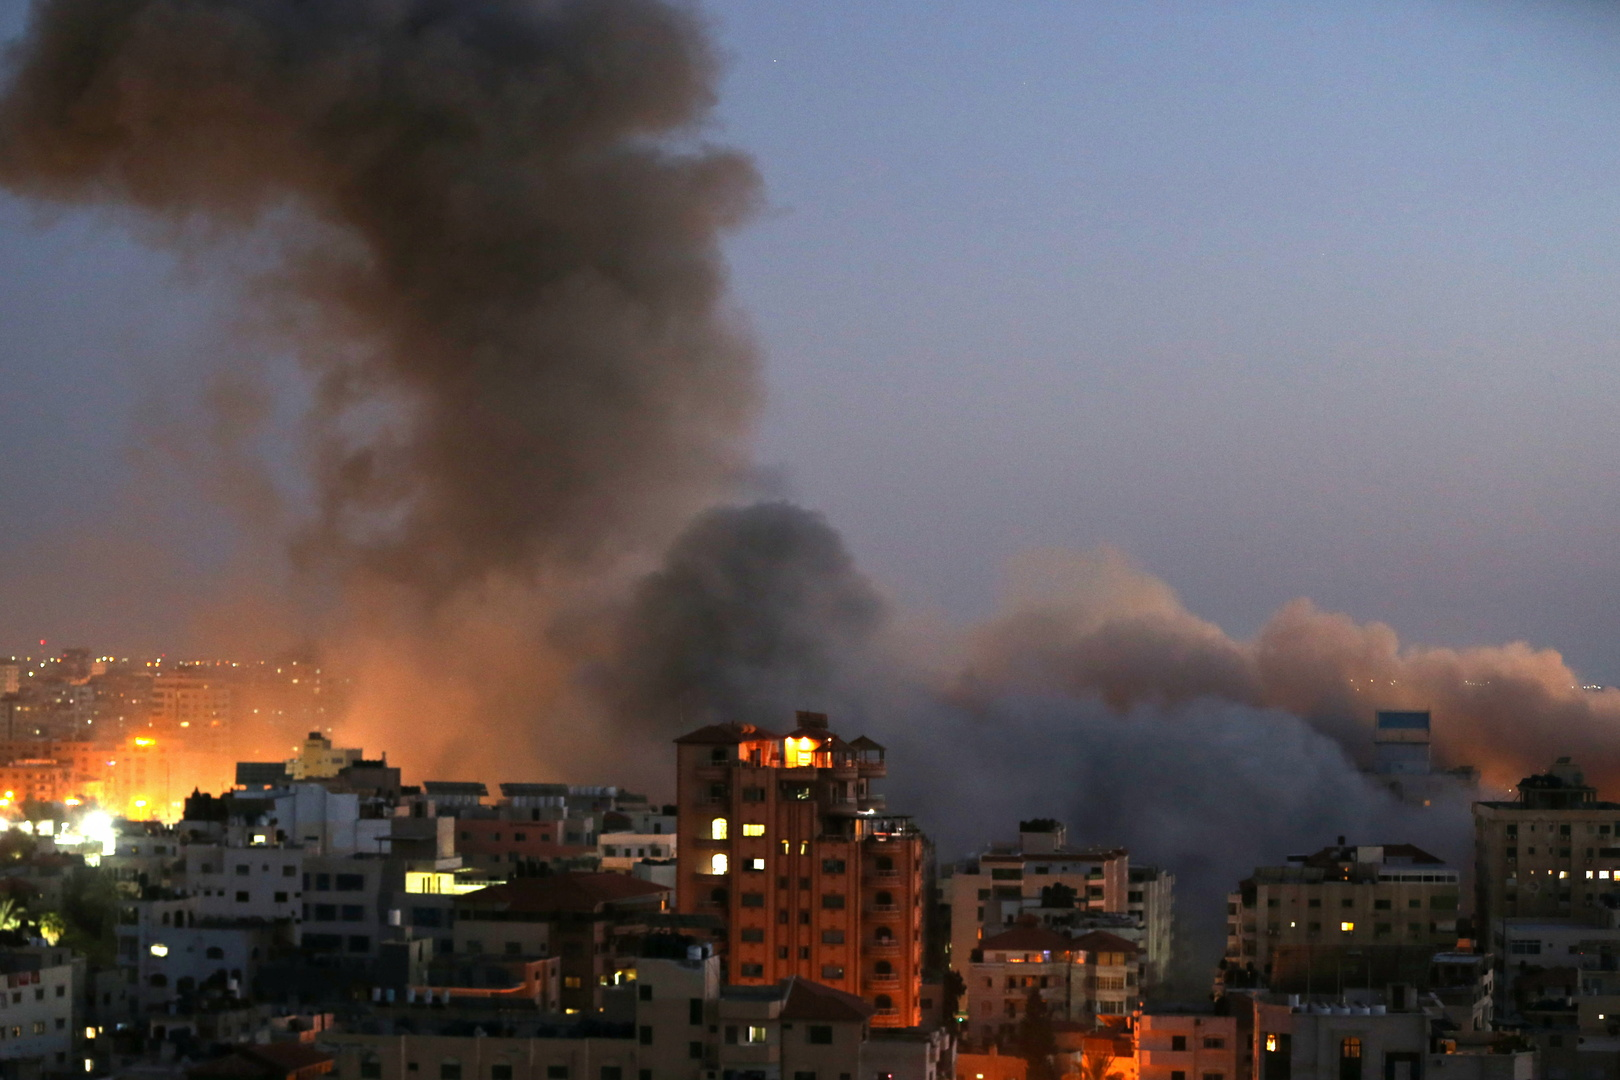 الصحة في غزة تعلن عن سقوط 35 قتيلا بينهم 12 طفلا و233 جريحا بالقصف الإسرائيلي على القطاع